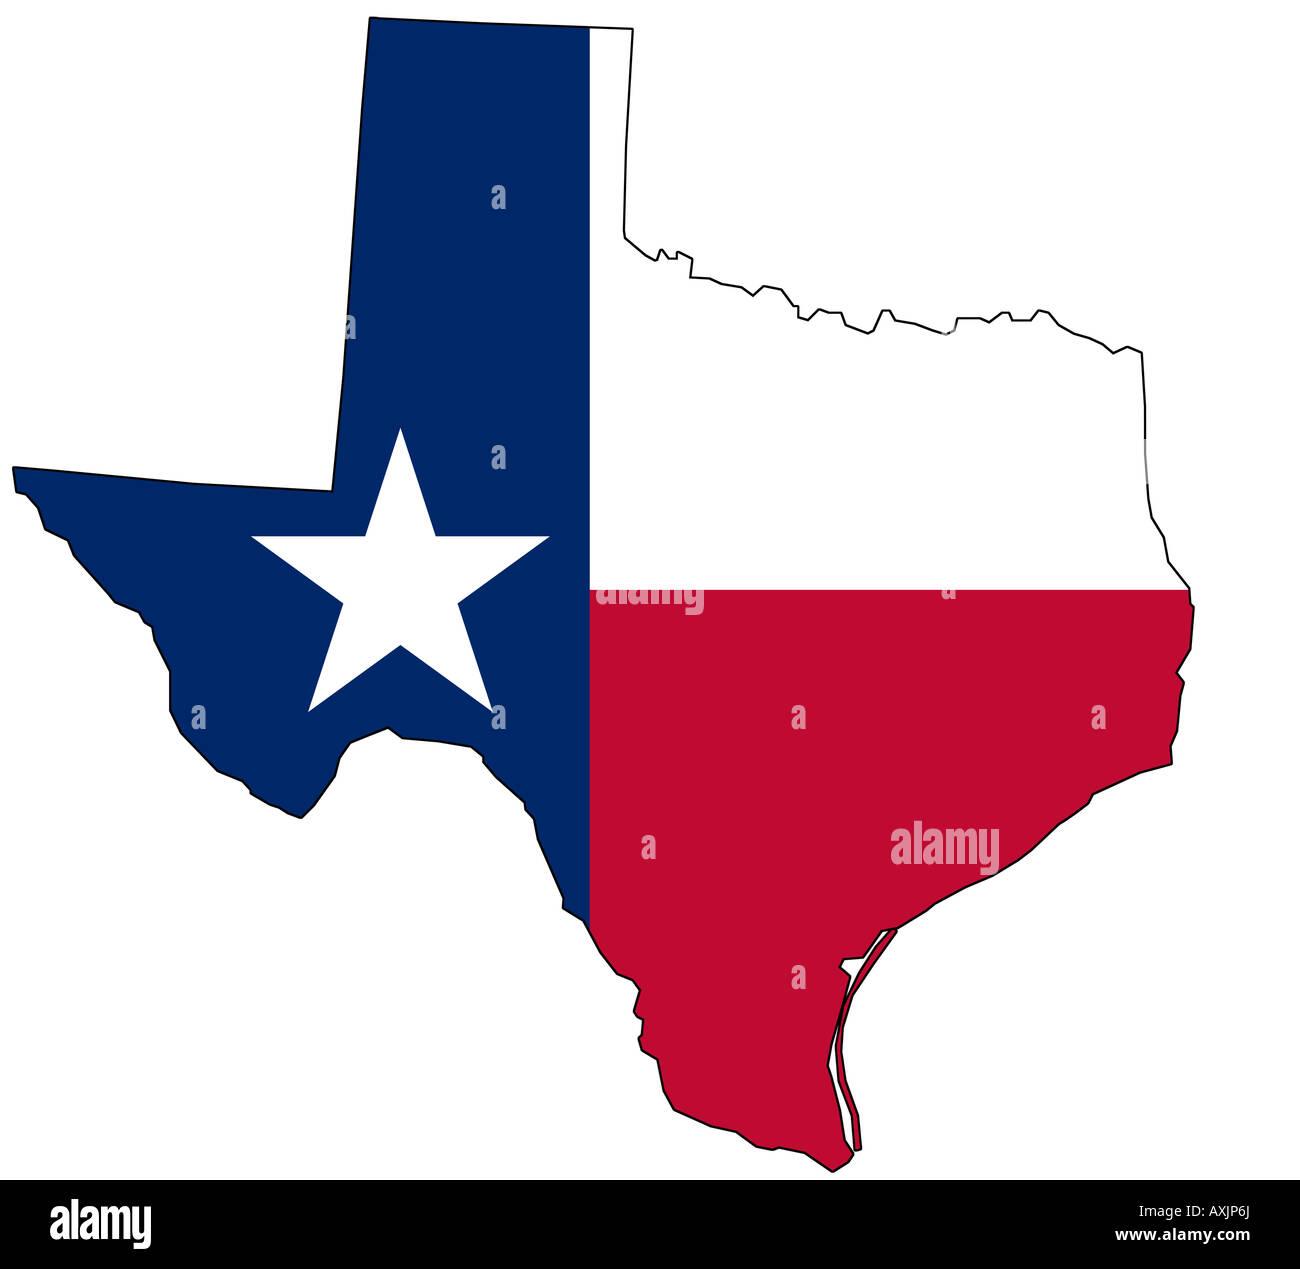 Ziemlich Texas Flagge Zum Ausdrucken Zeitgenössisch - Beispiel ...